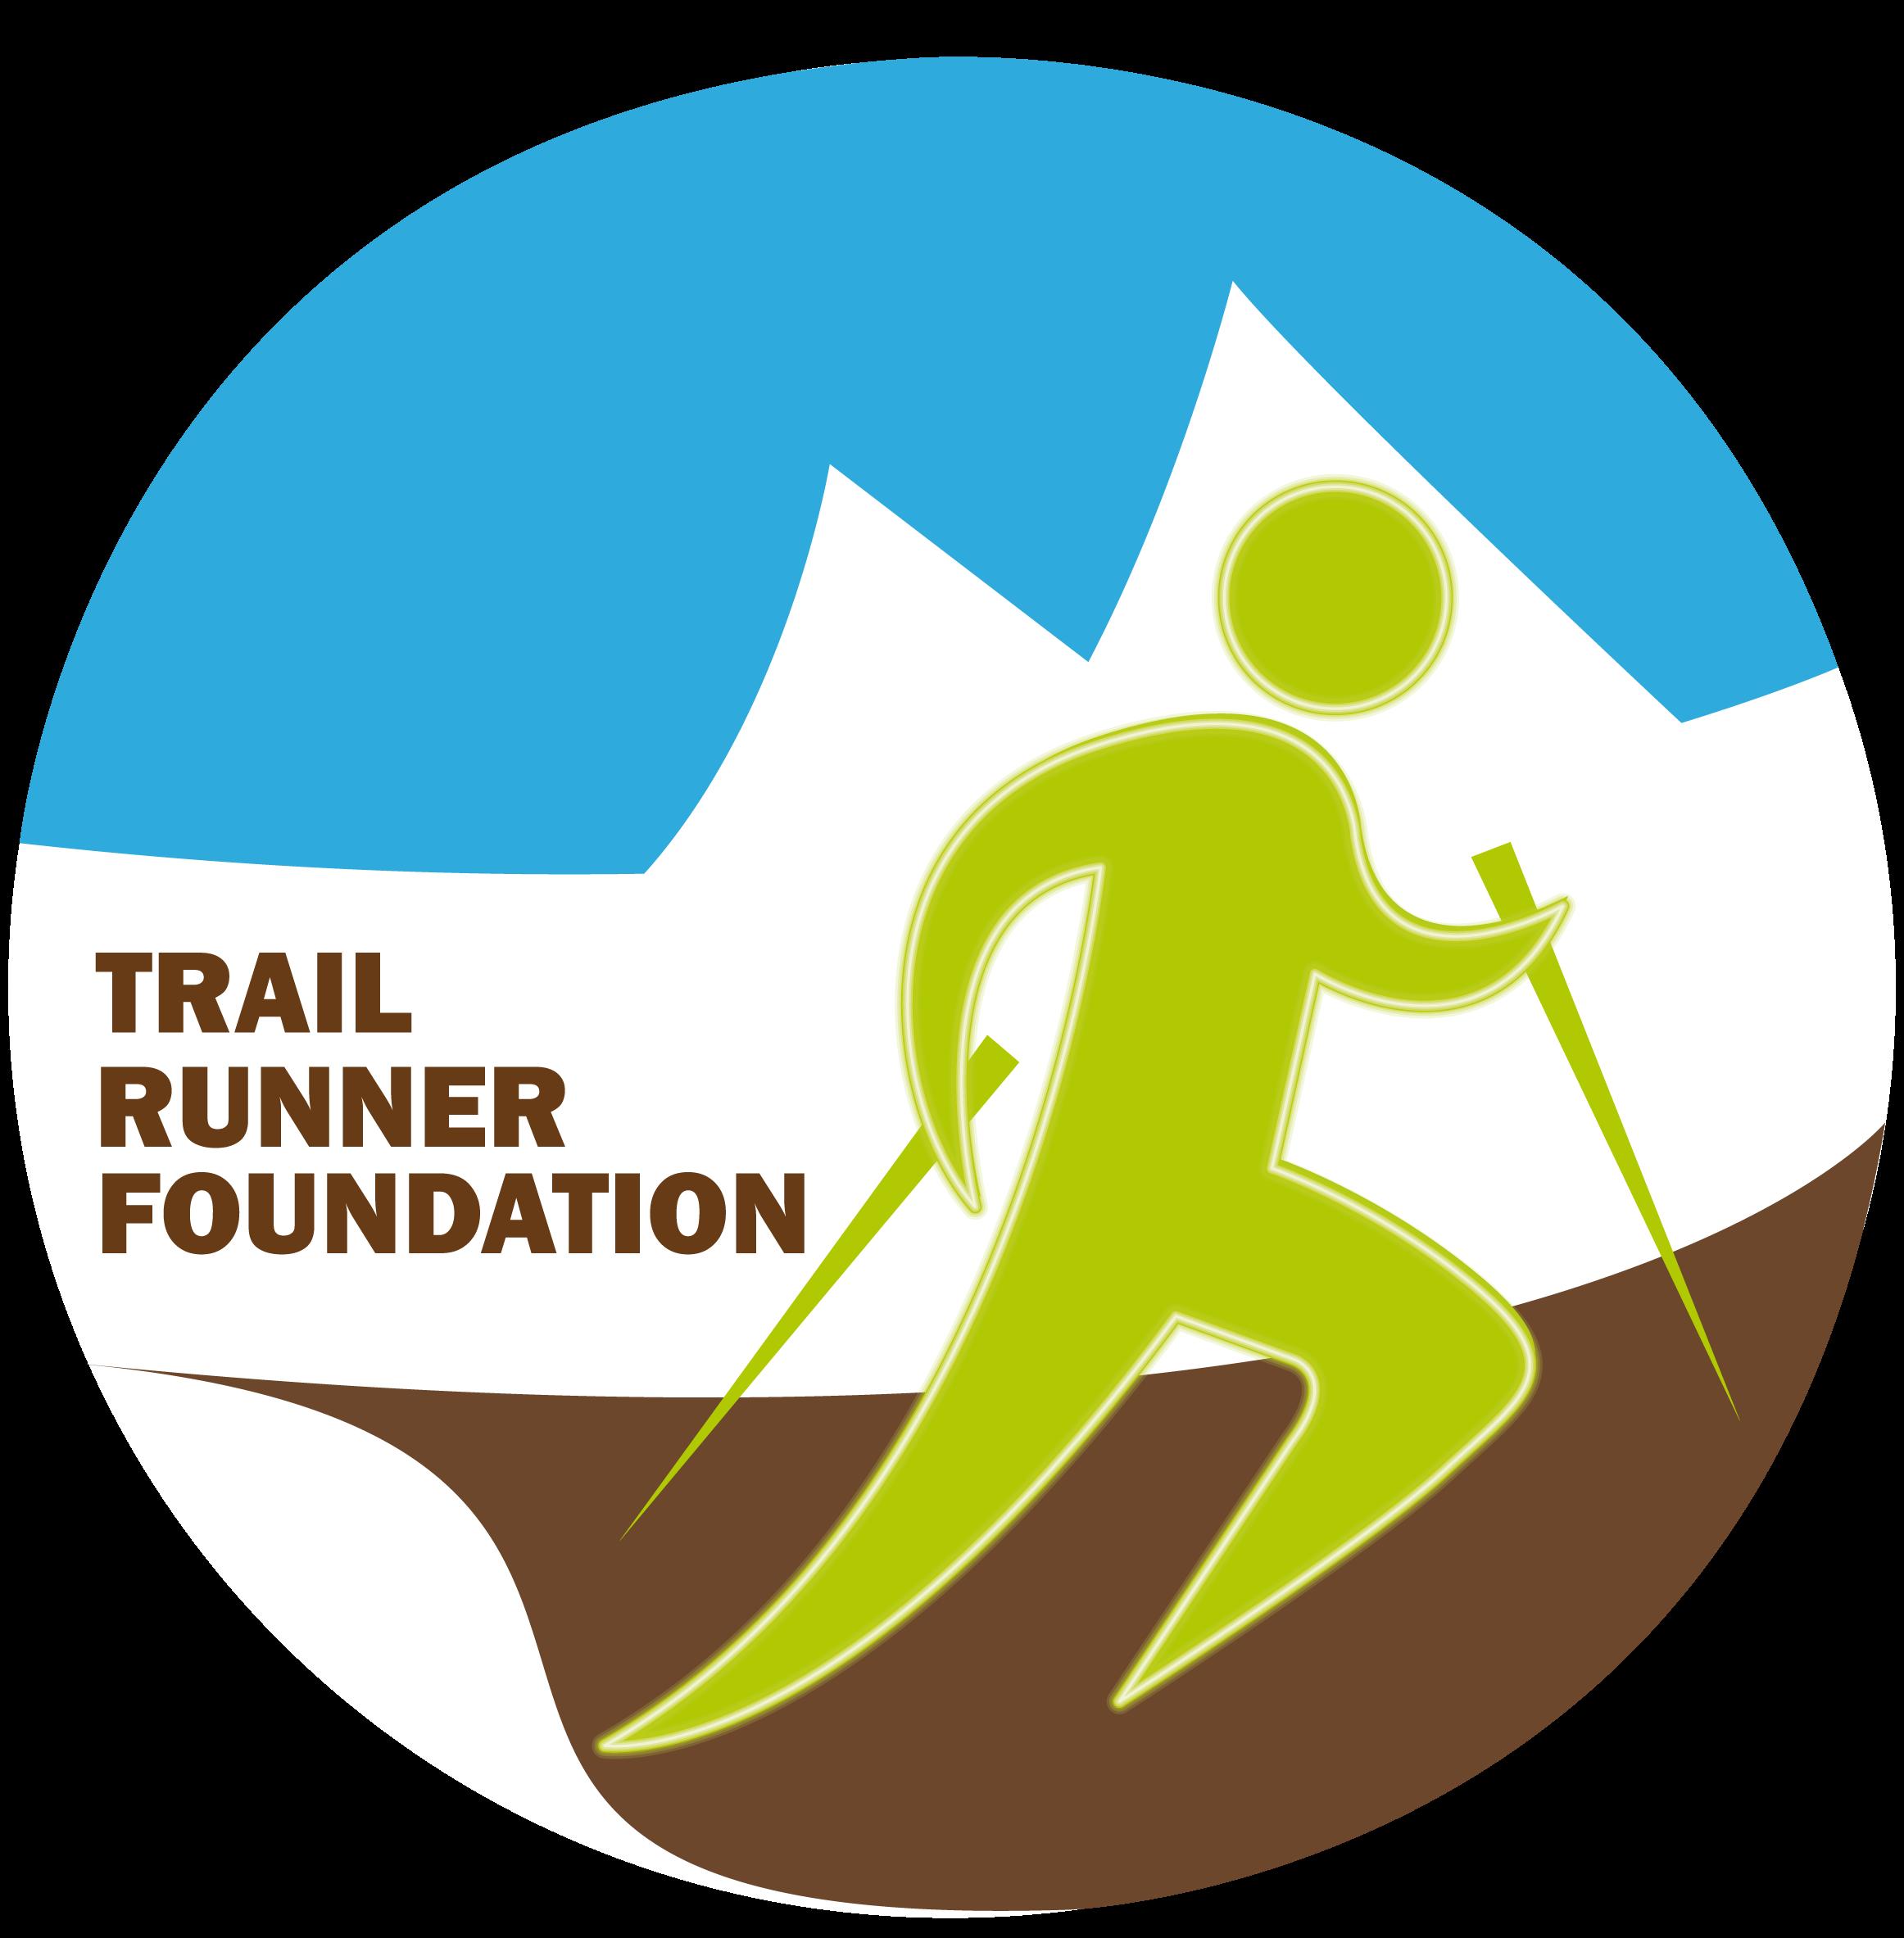 Trail Runner Foundation